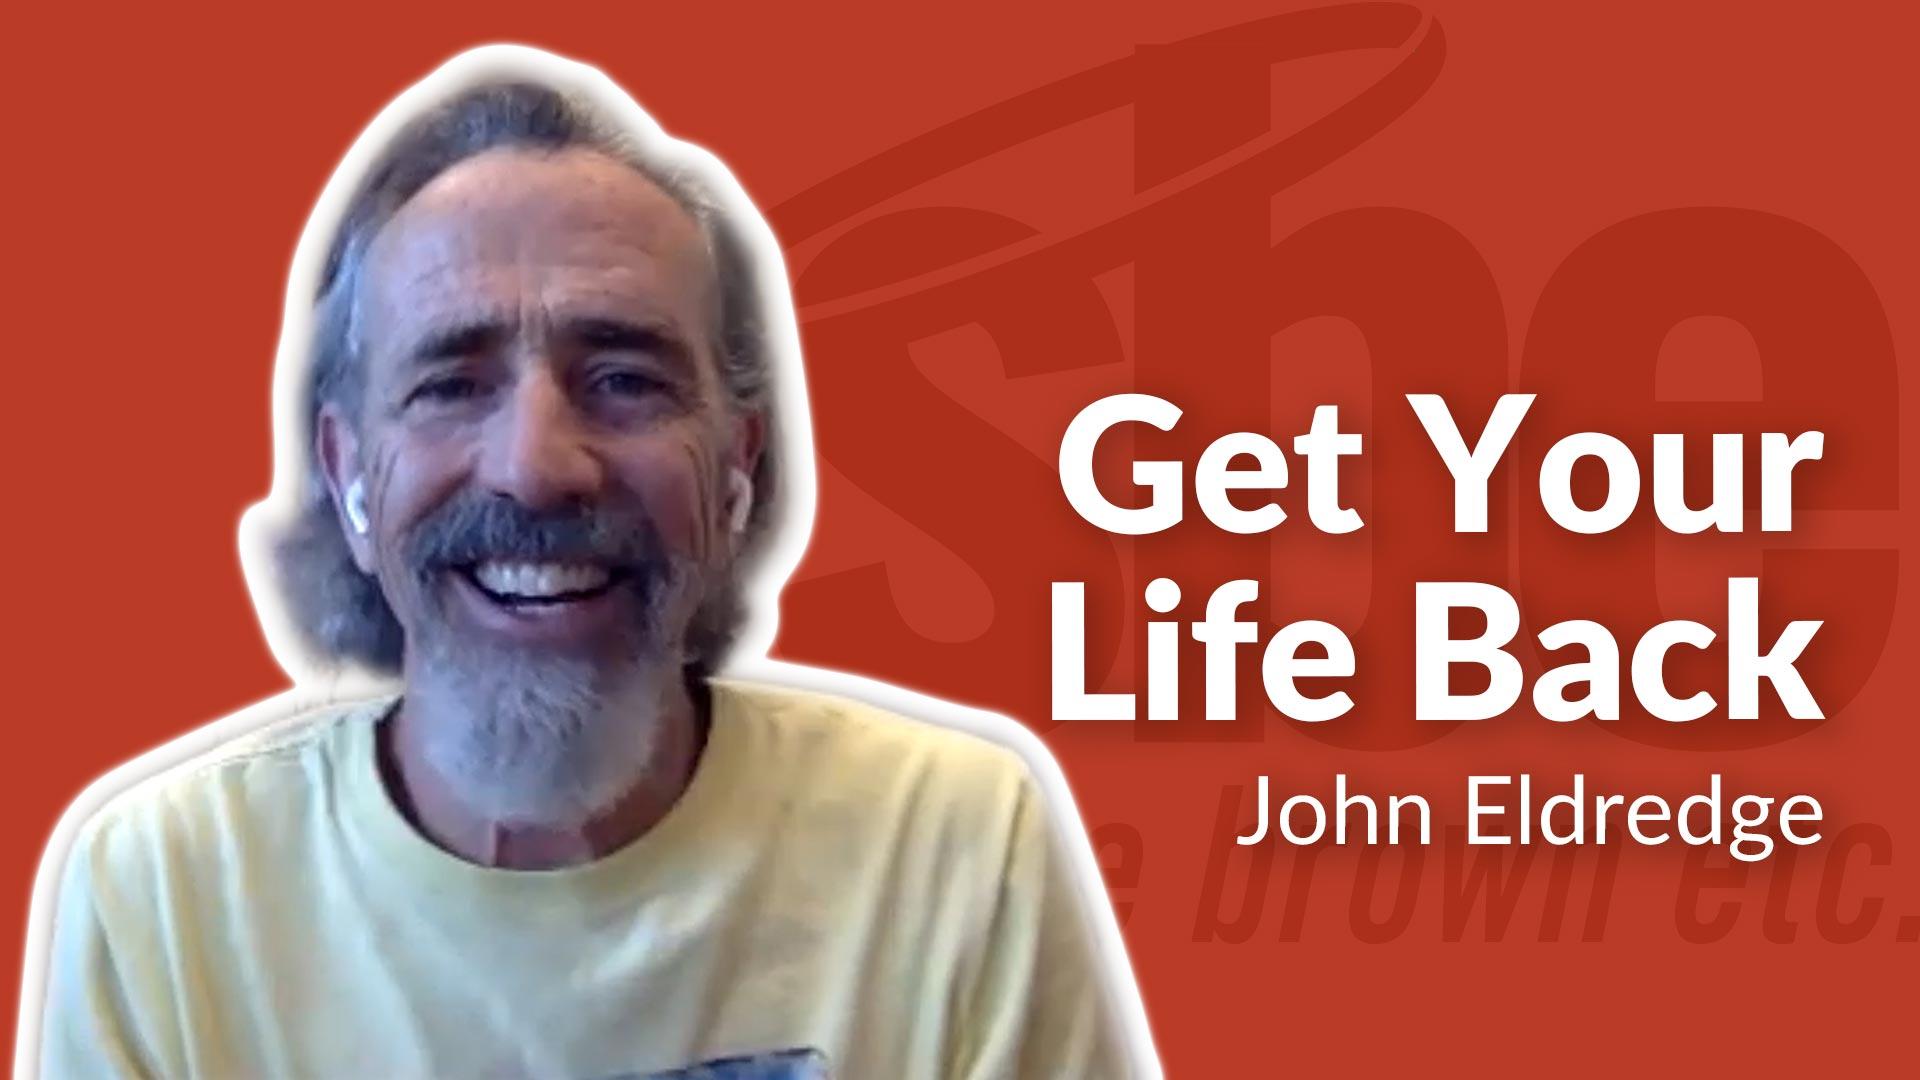 John Eldredge | Get Your Life Back